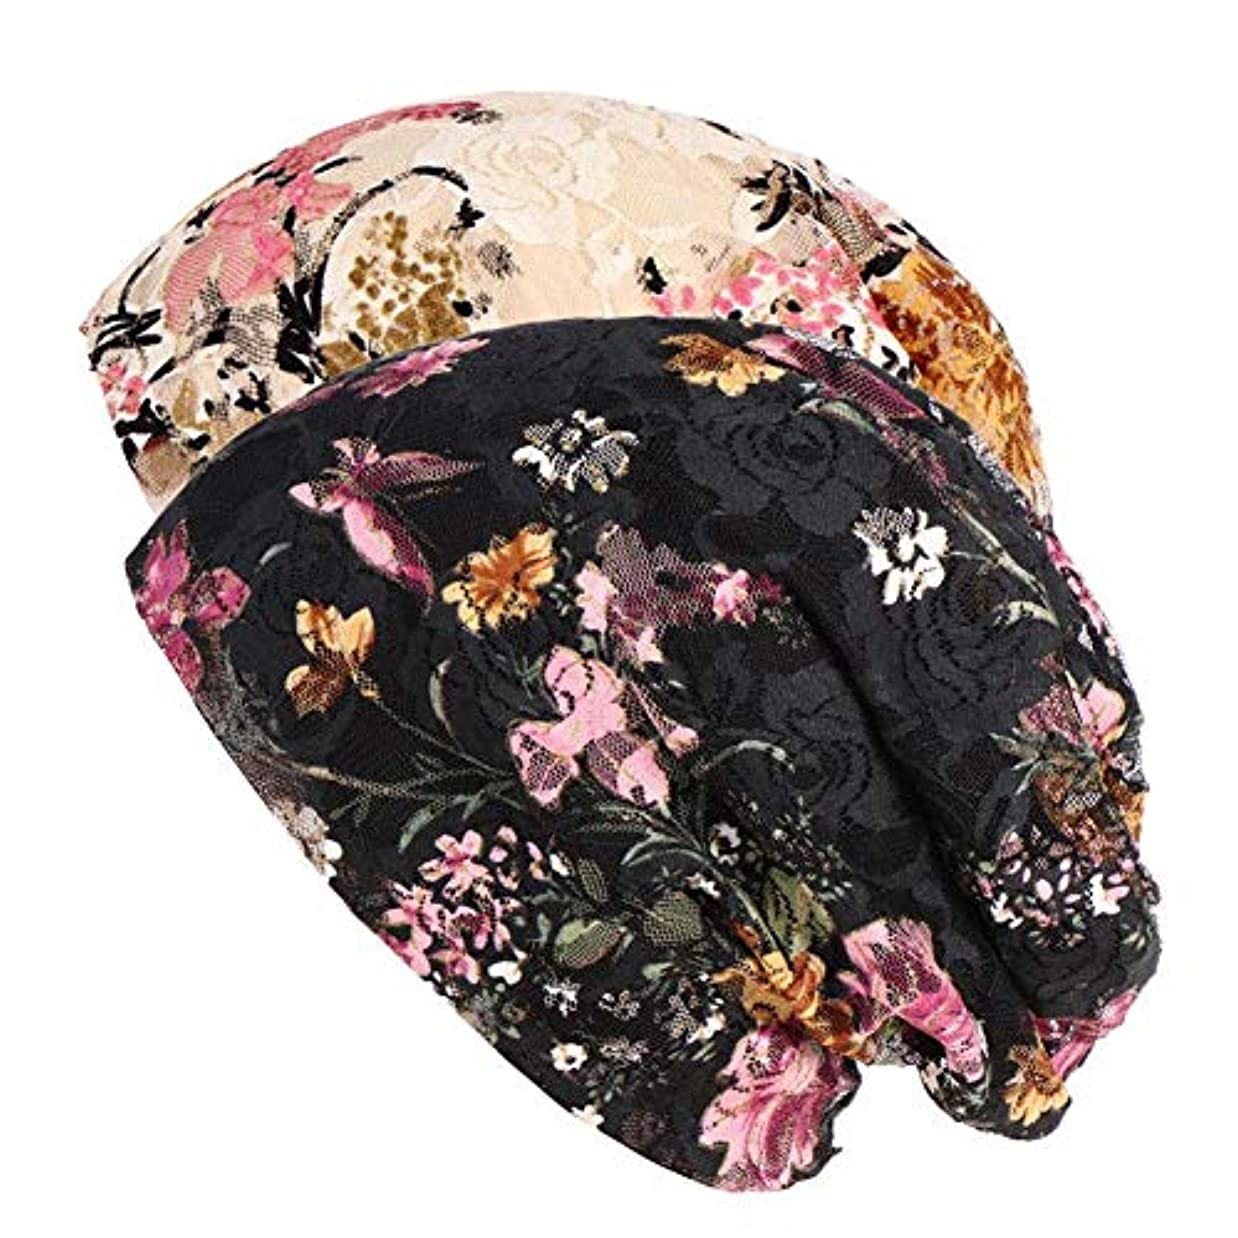 悲惨な特異性課税ヘッドスカーフ レディース ビーニーハット レディース 柔らかい 多用途 頭飾り 軽量 通気性 眠り、化学療法 、 キャンサーと脱毛症